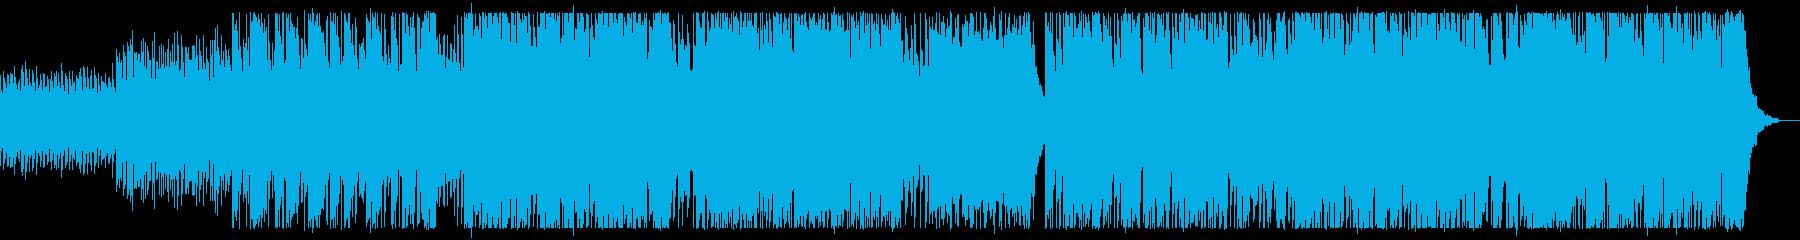 テンポの良いエレクトロポップソングの再生済みの波形